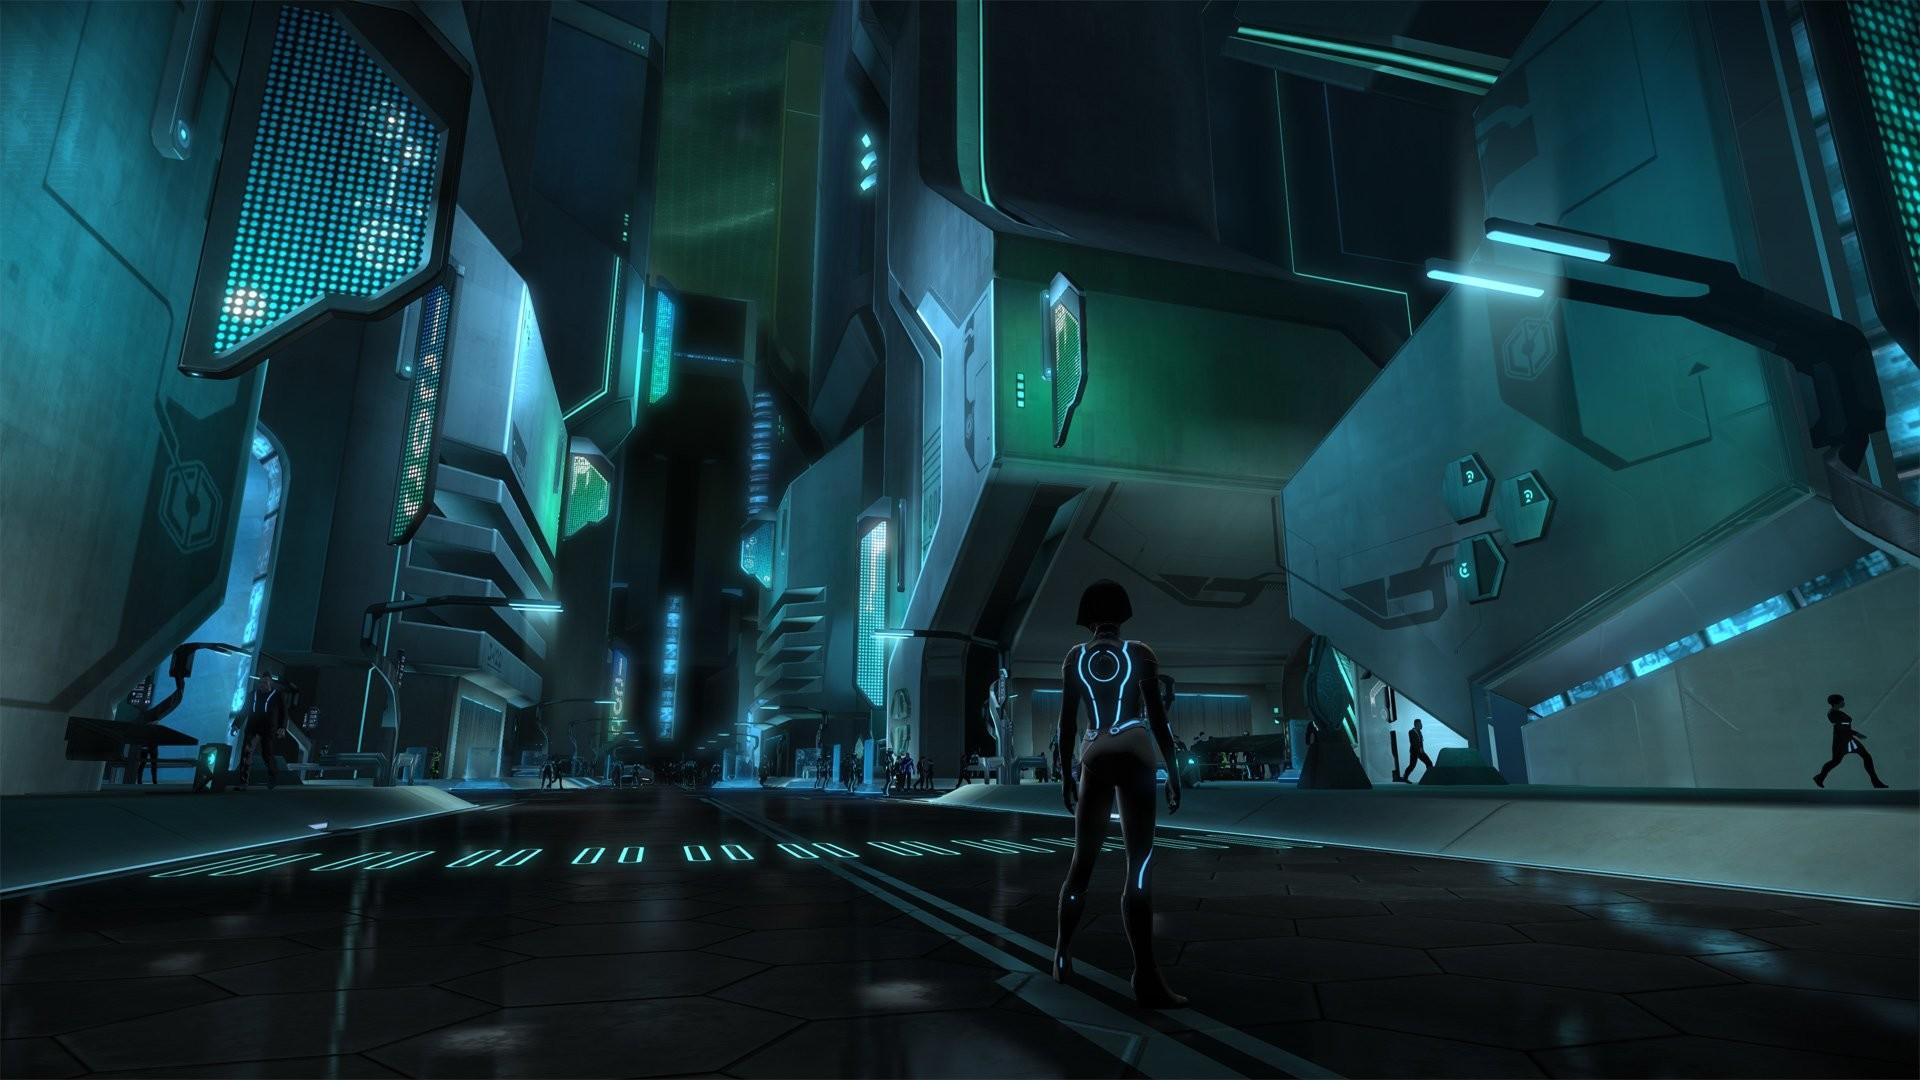 Video Game – Tron Wallpaper